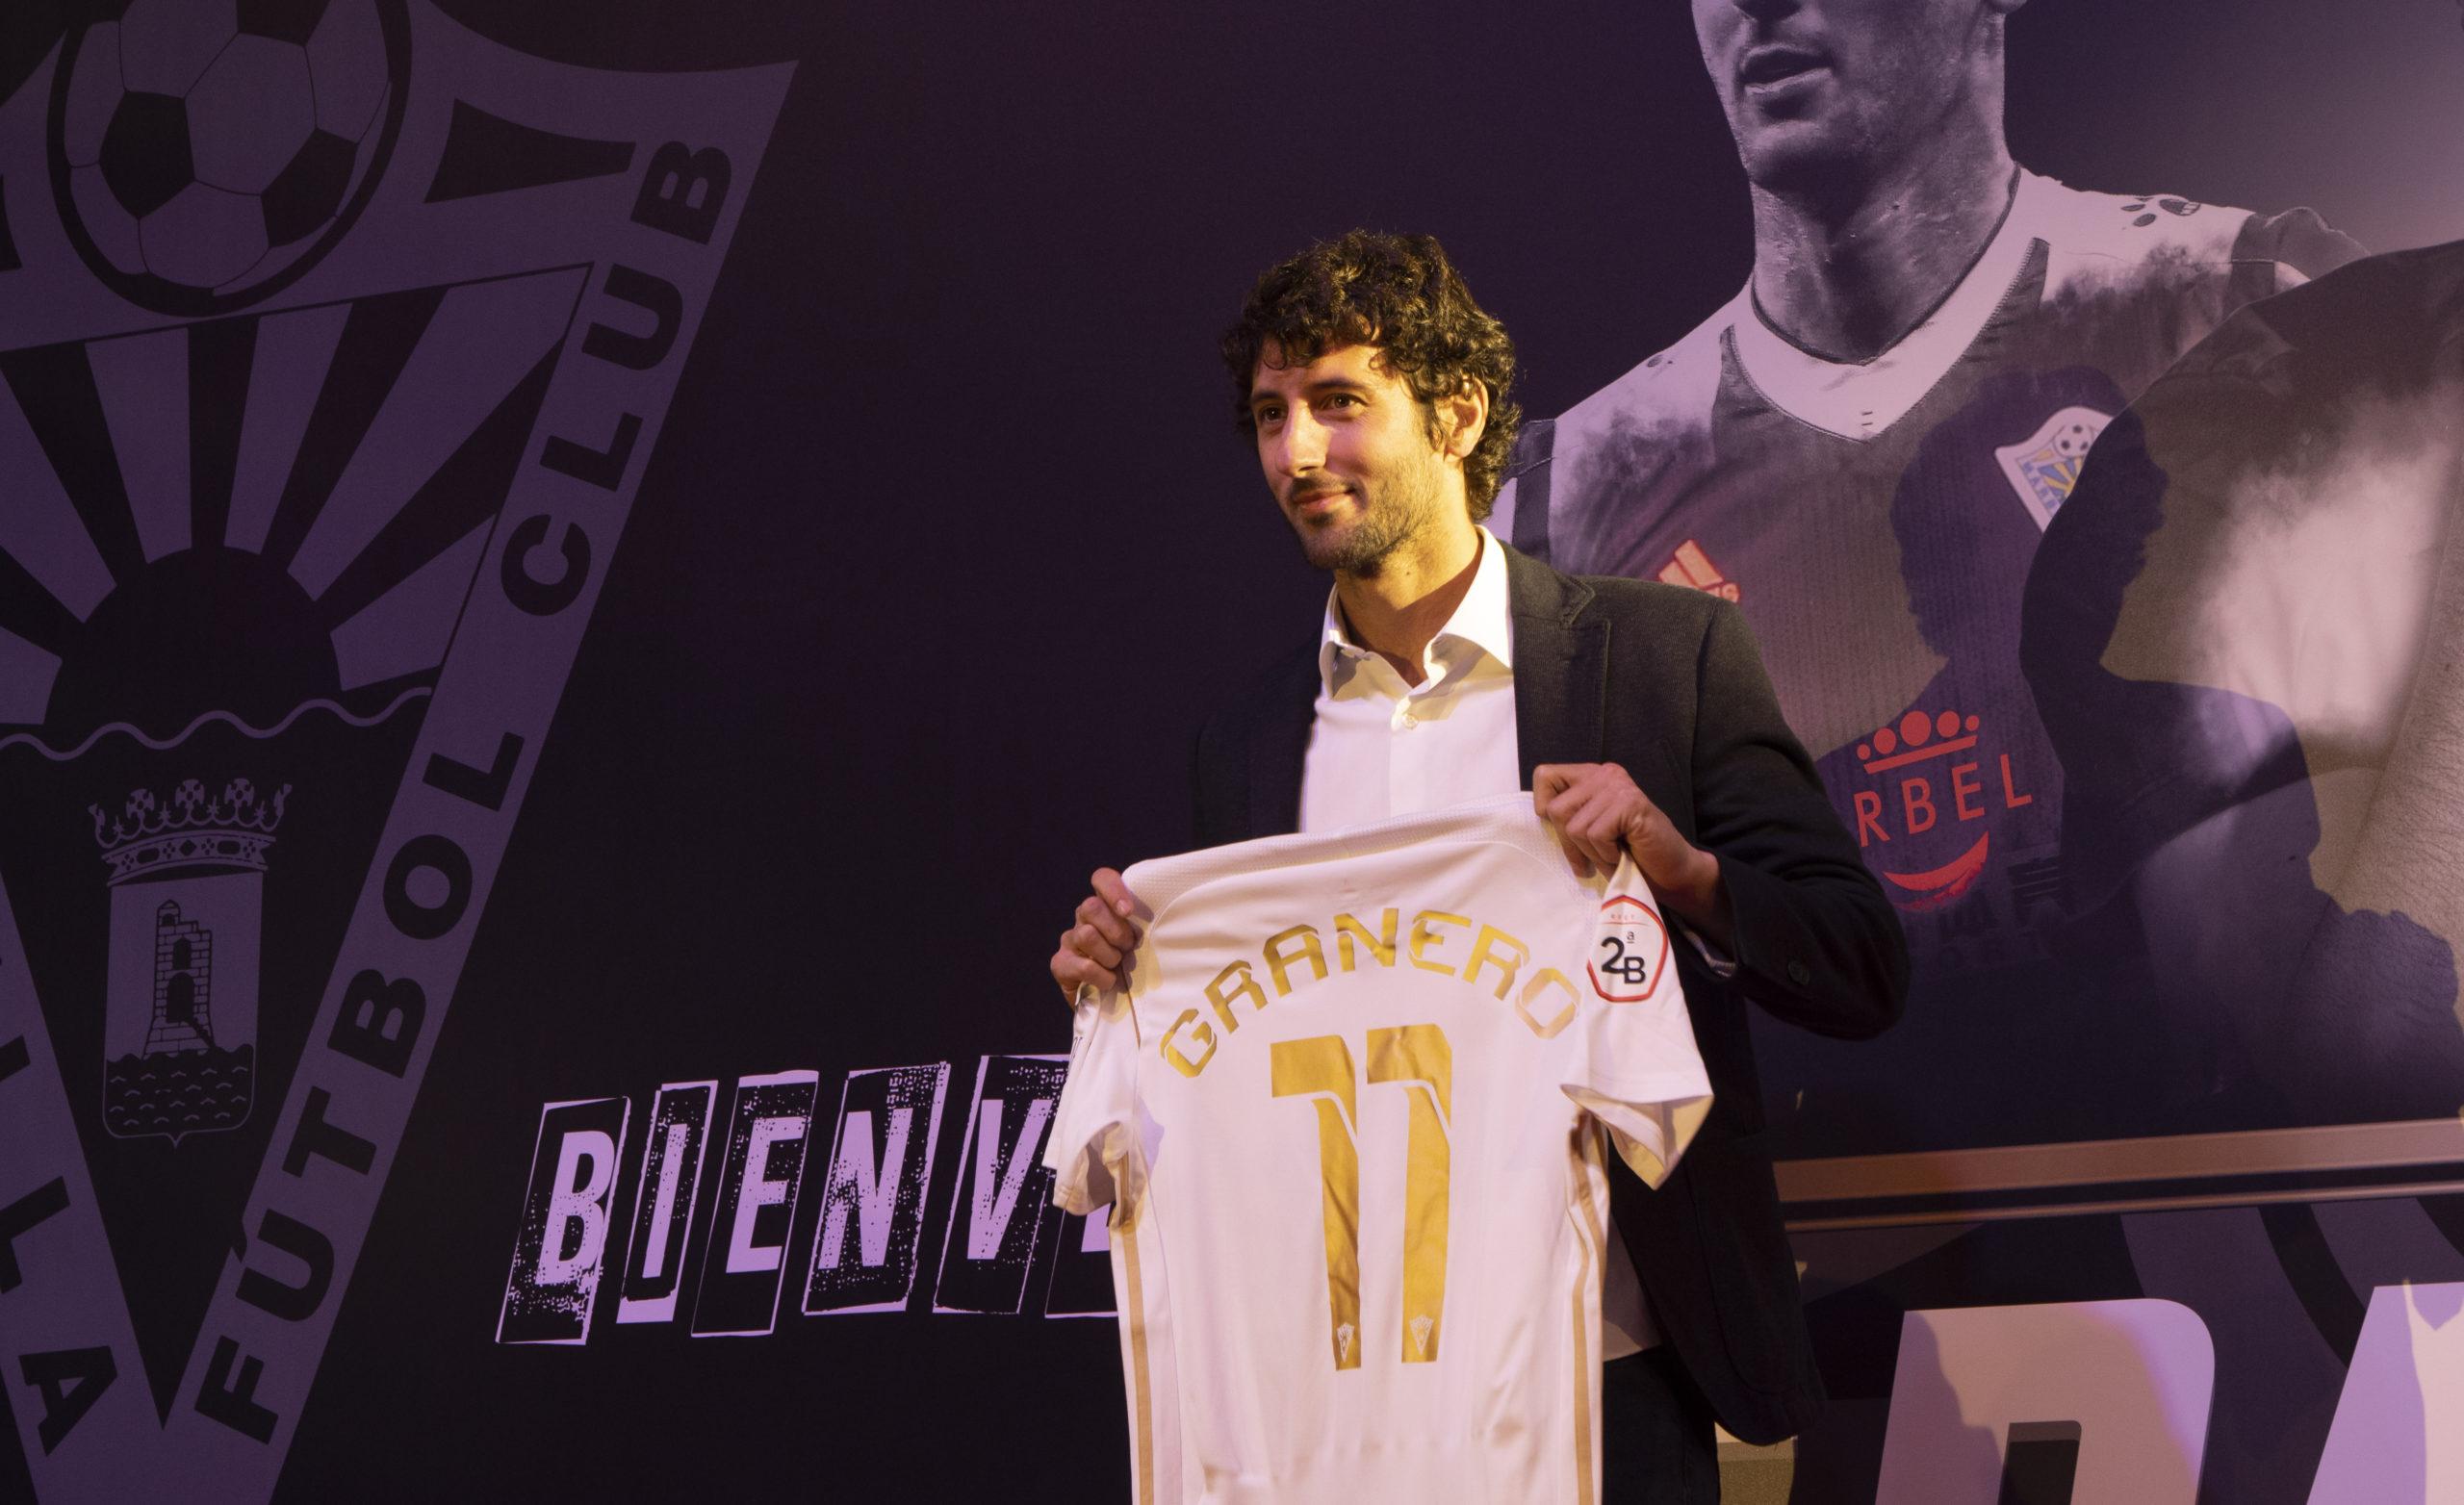 Granero posa con la camiseta del Marbella FC